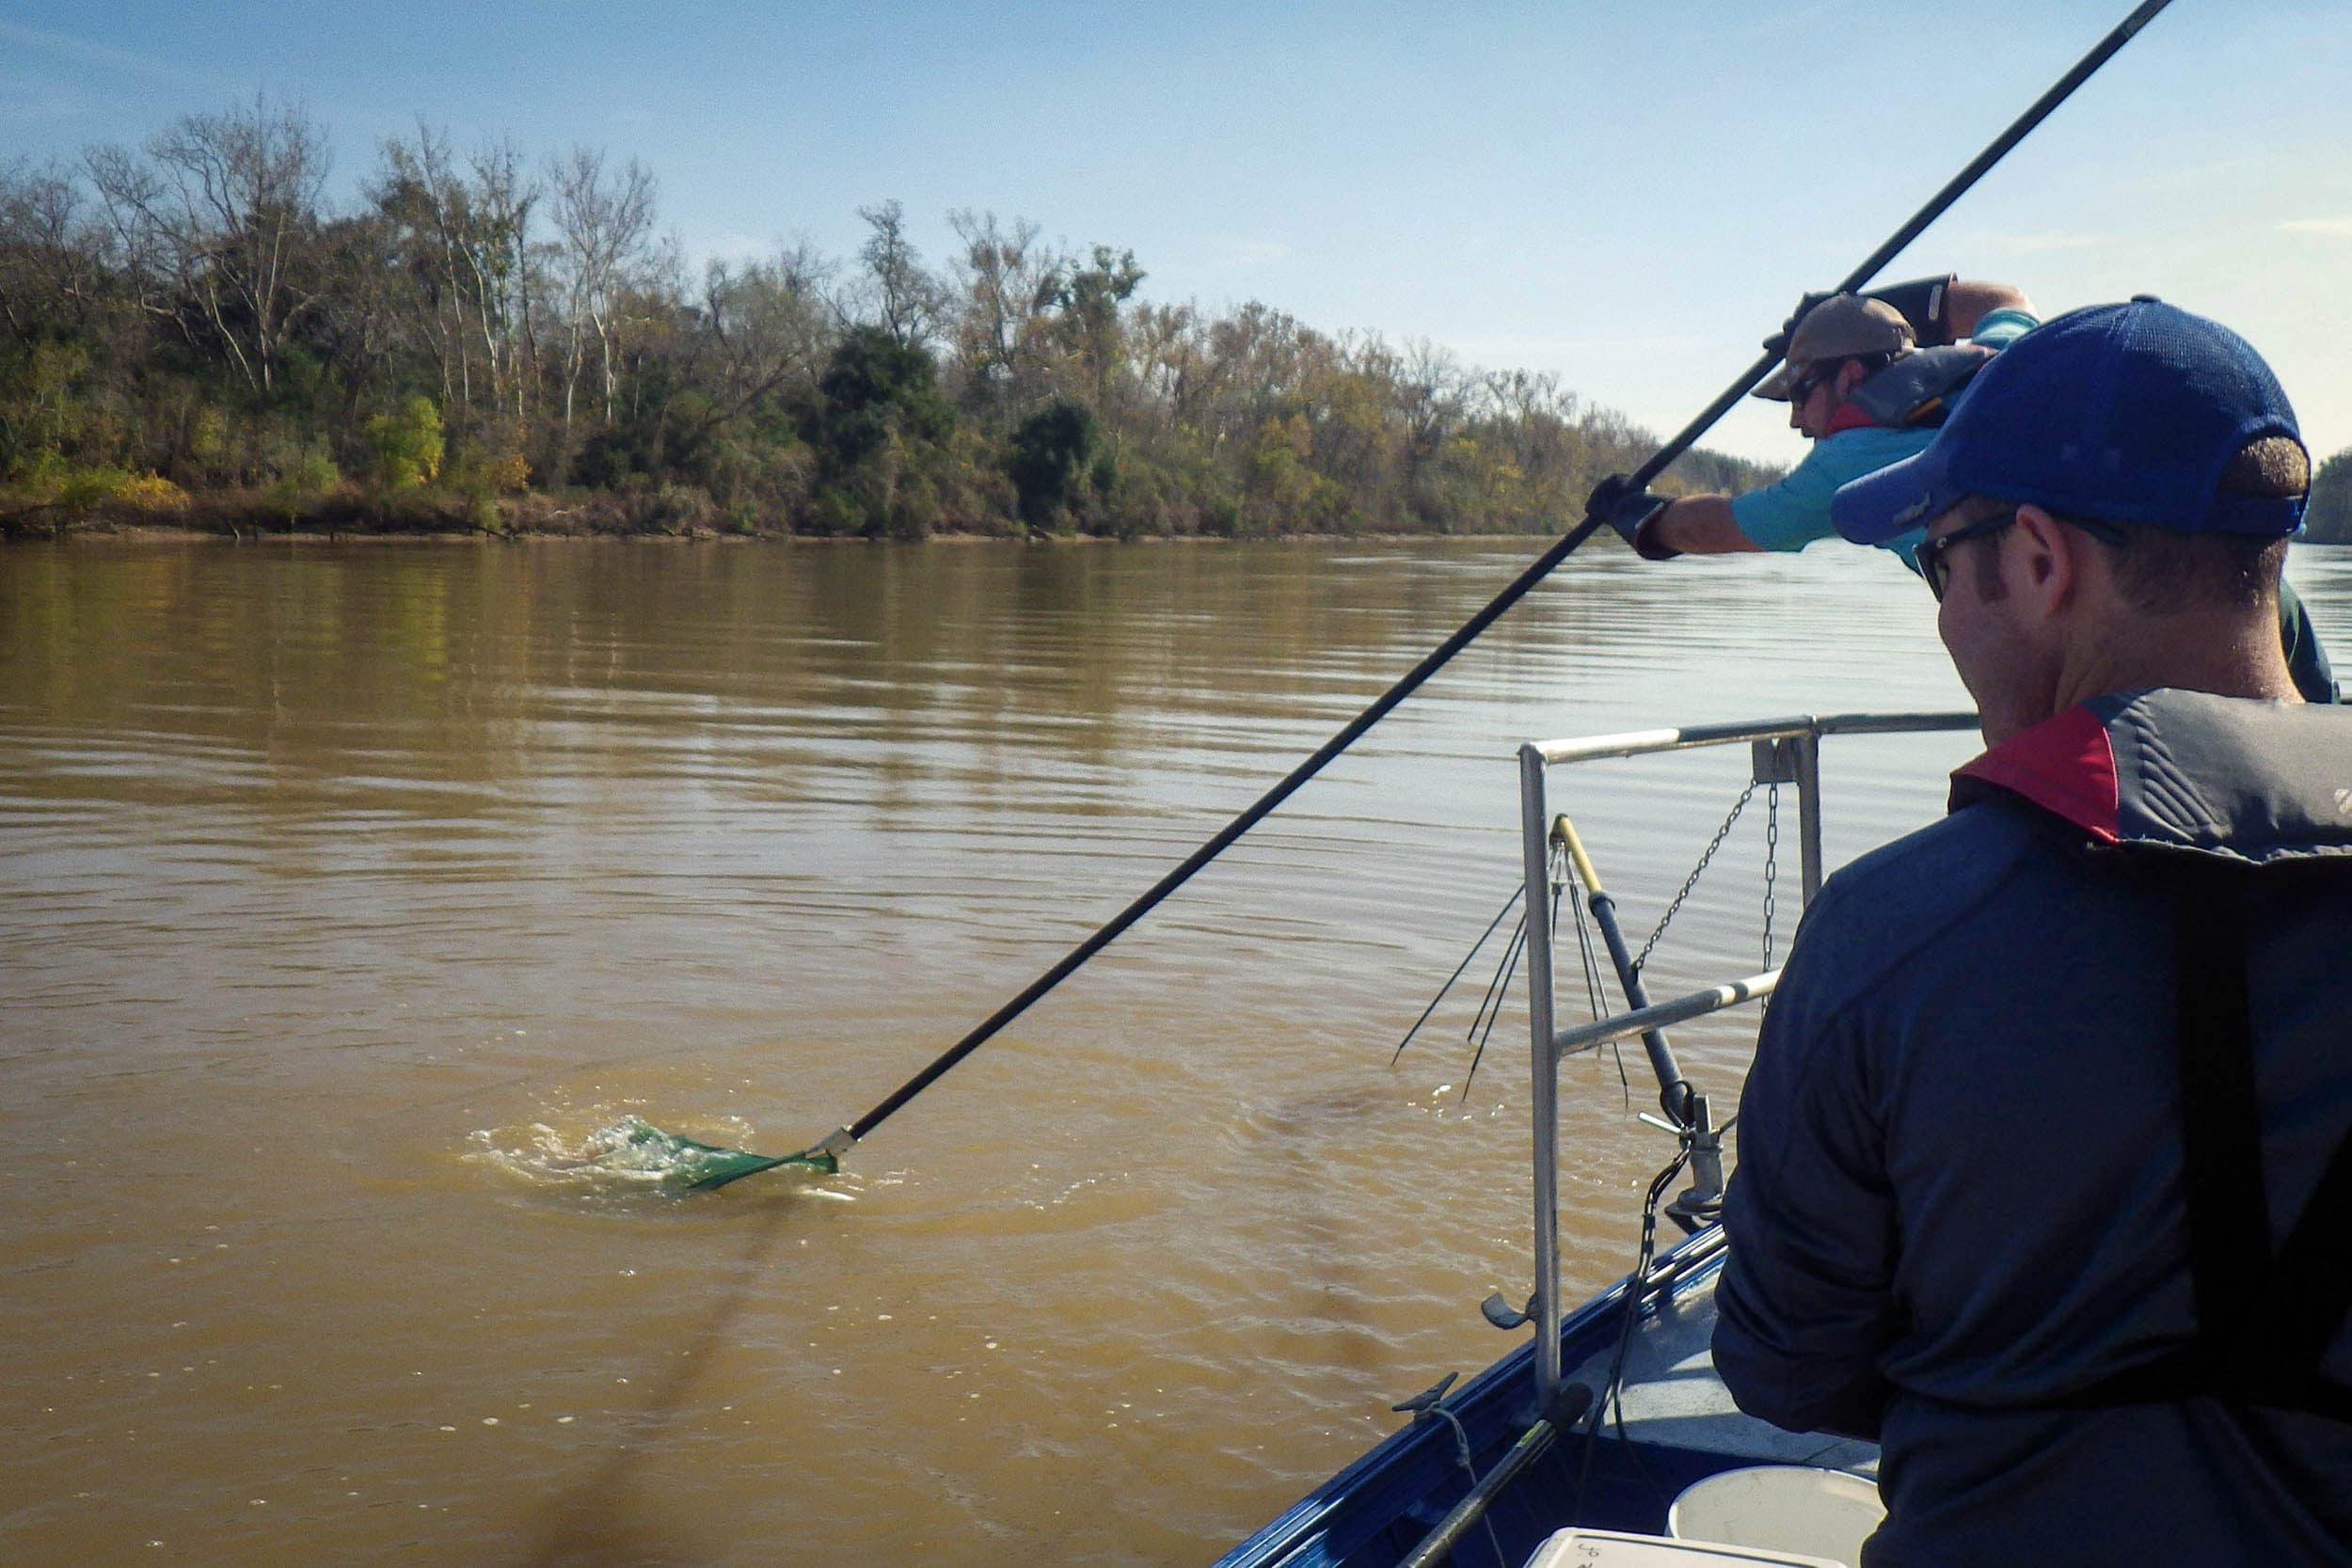 Sampling the Brazos River